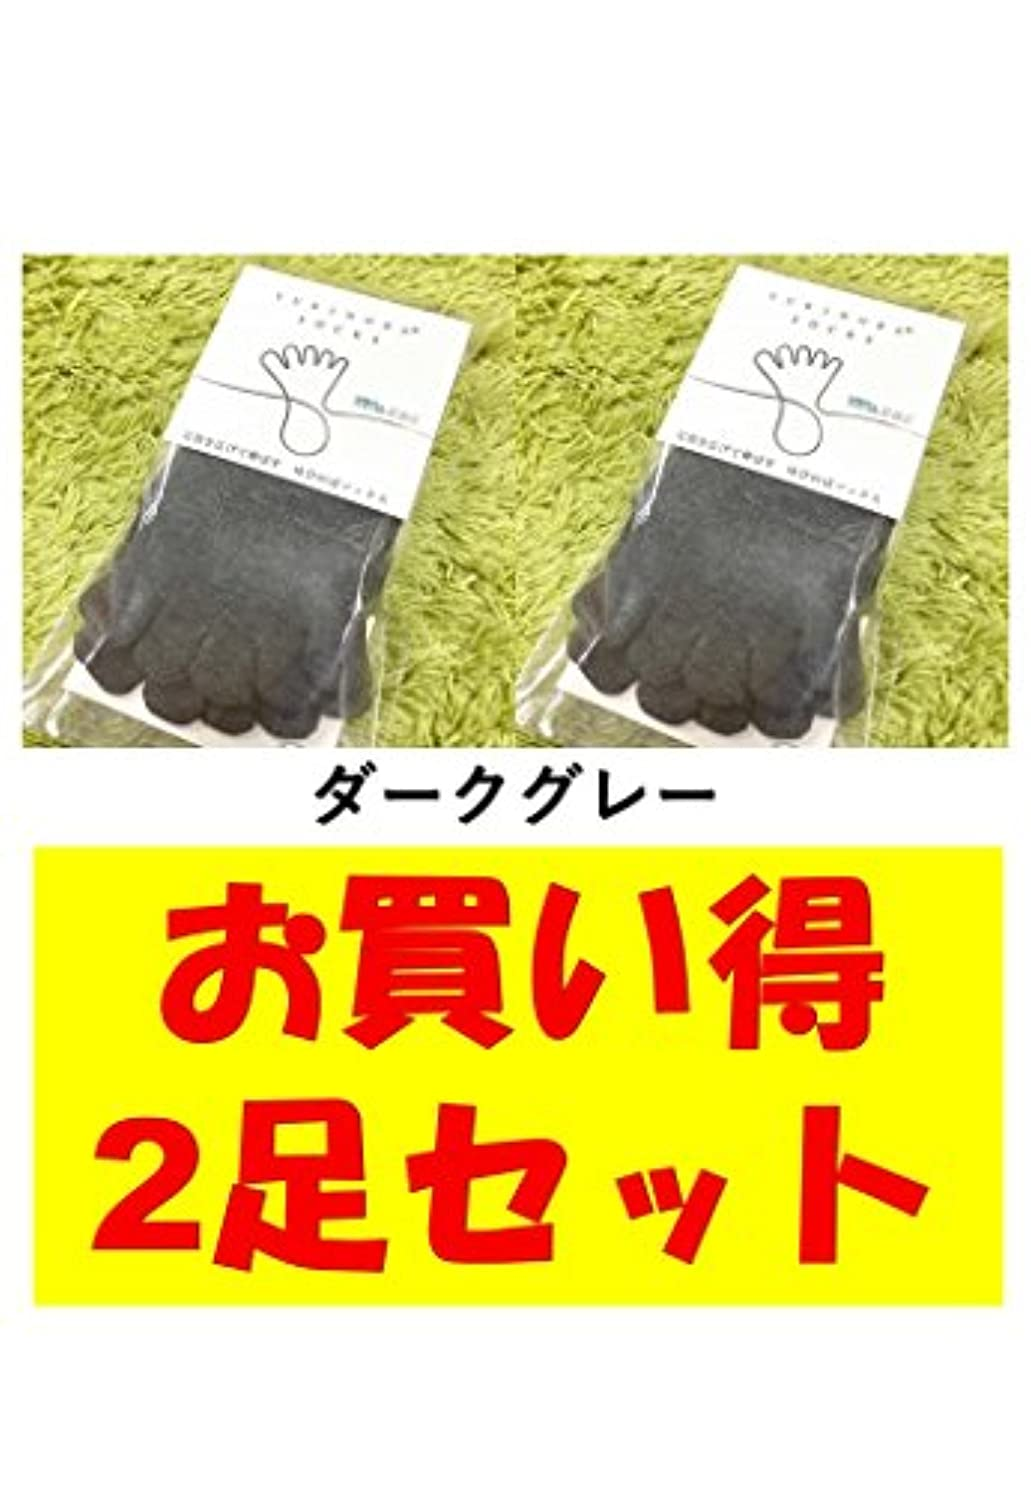 キャンベラチャット宣言お買い得2足セット 5本指 ゆびのばソックス ゆびのばレギュラー ダークグレー 女性用 22.0cm-25.5cm HSREGR-DGL